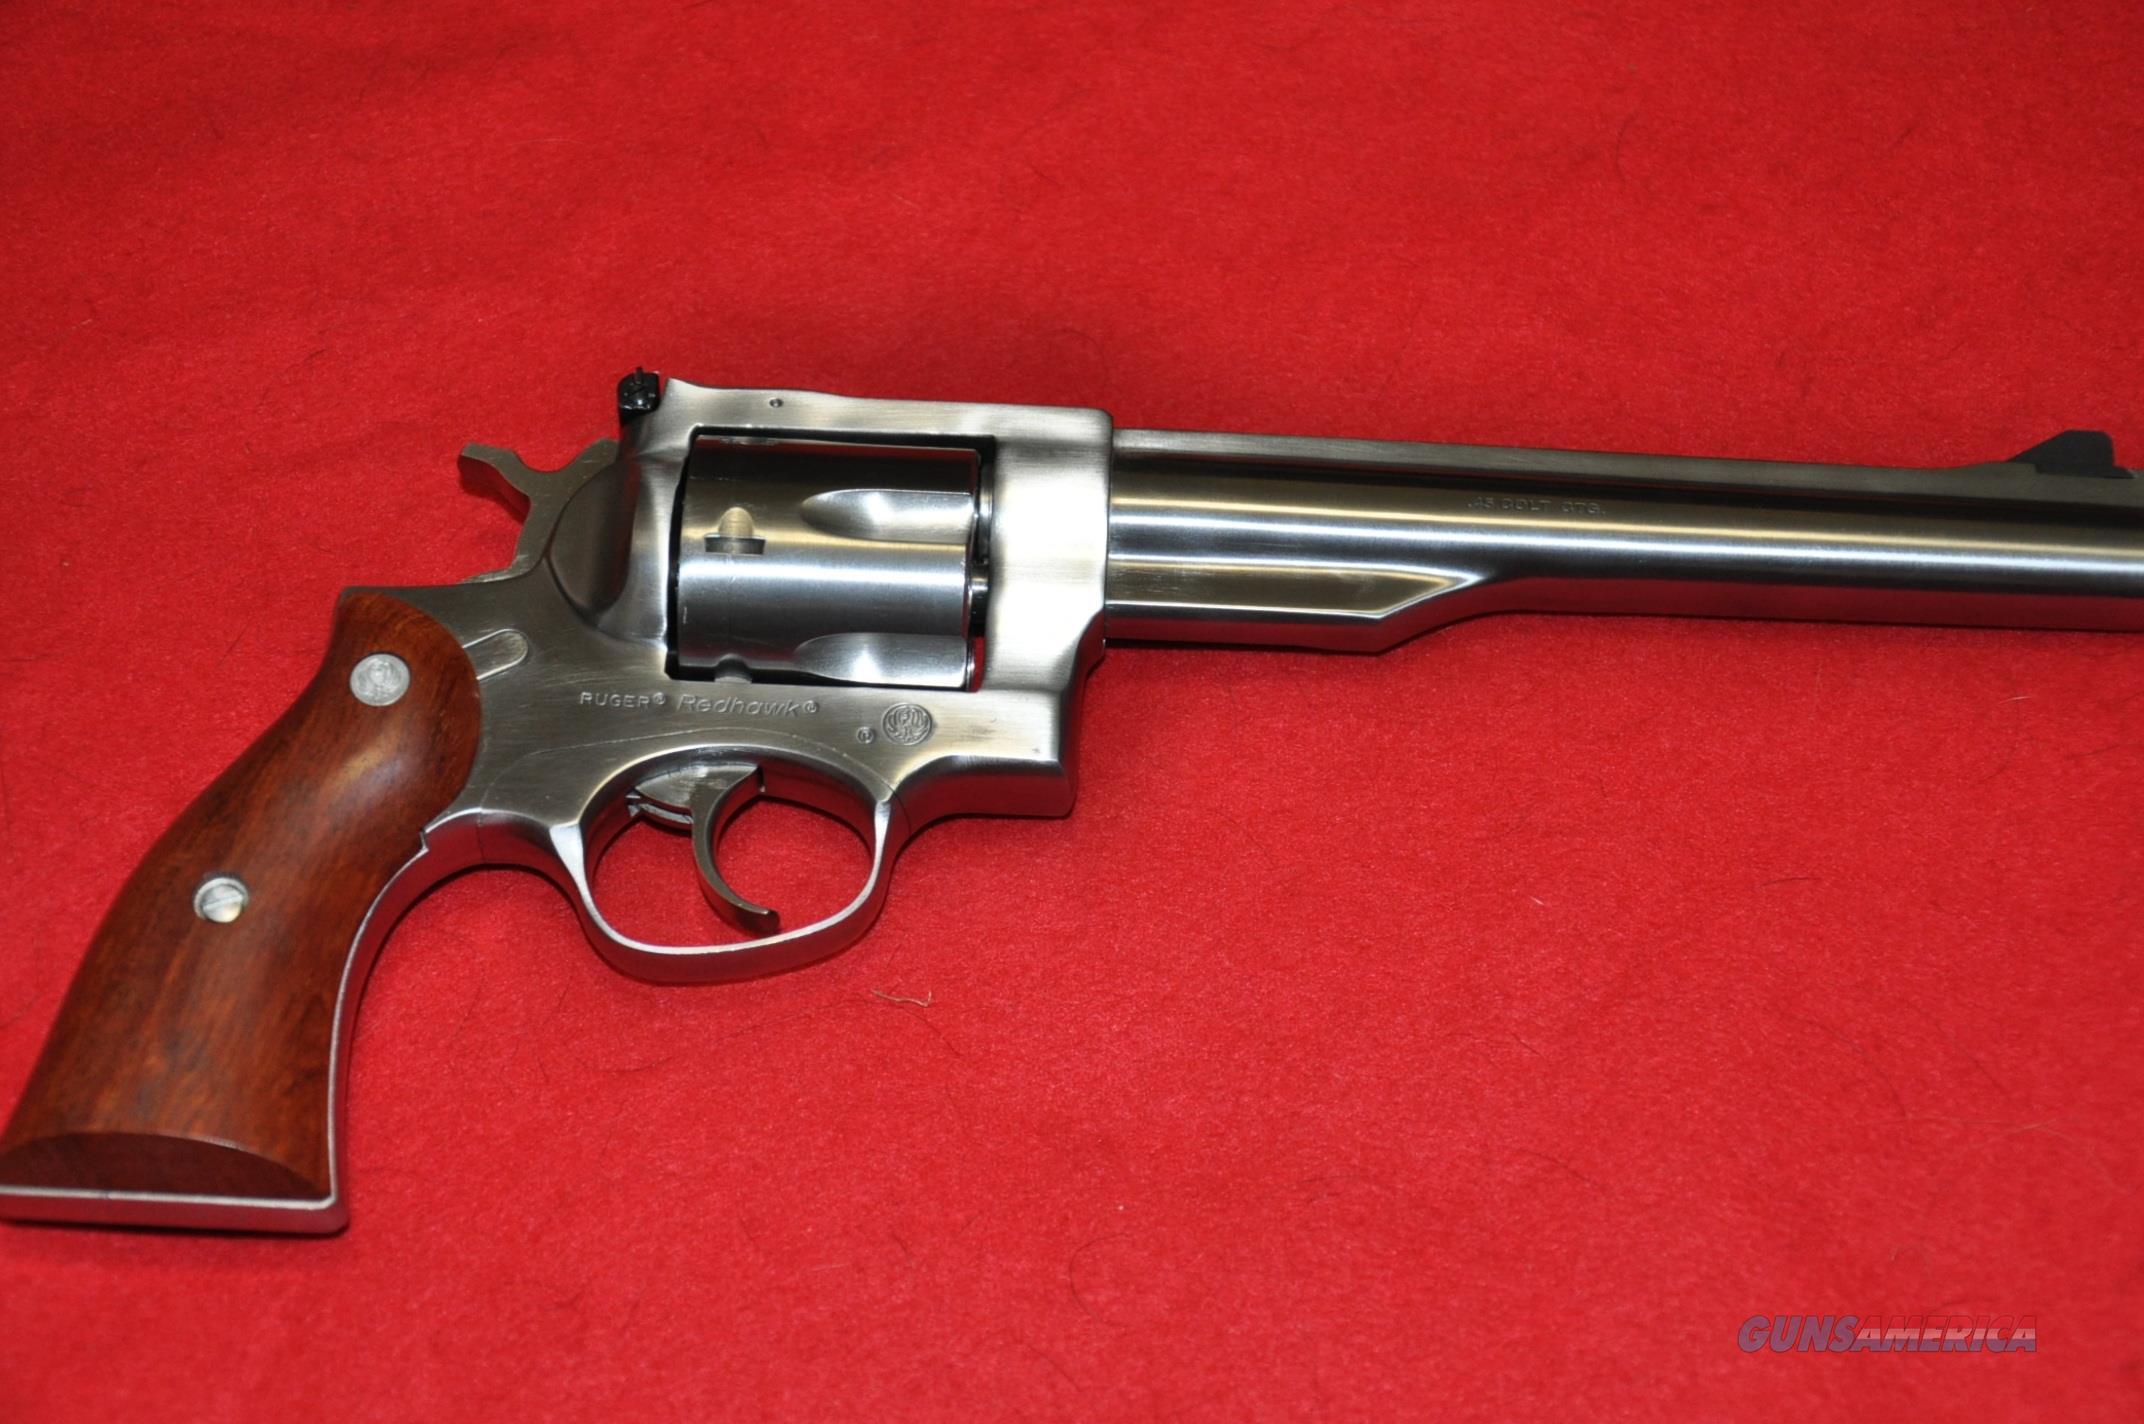 Ruger Redhawk 45 Colt 7 5 Unfired For Sale